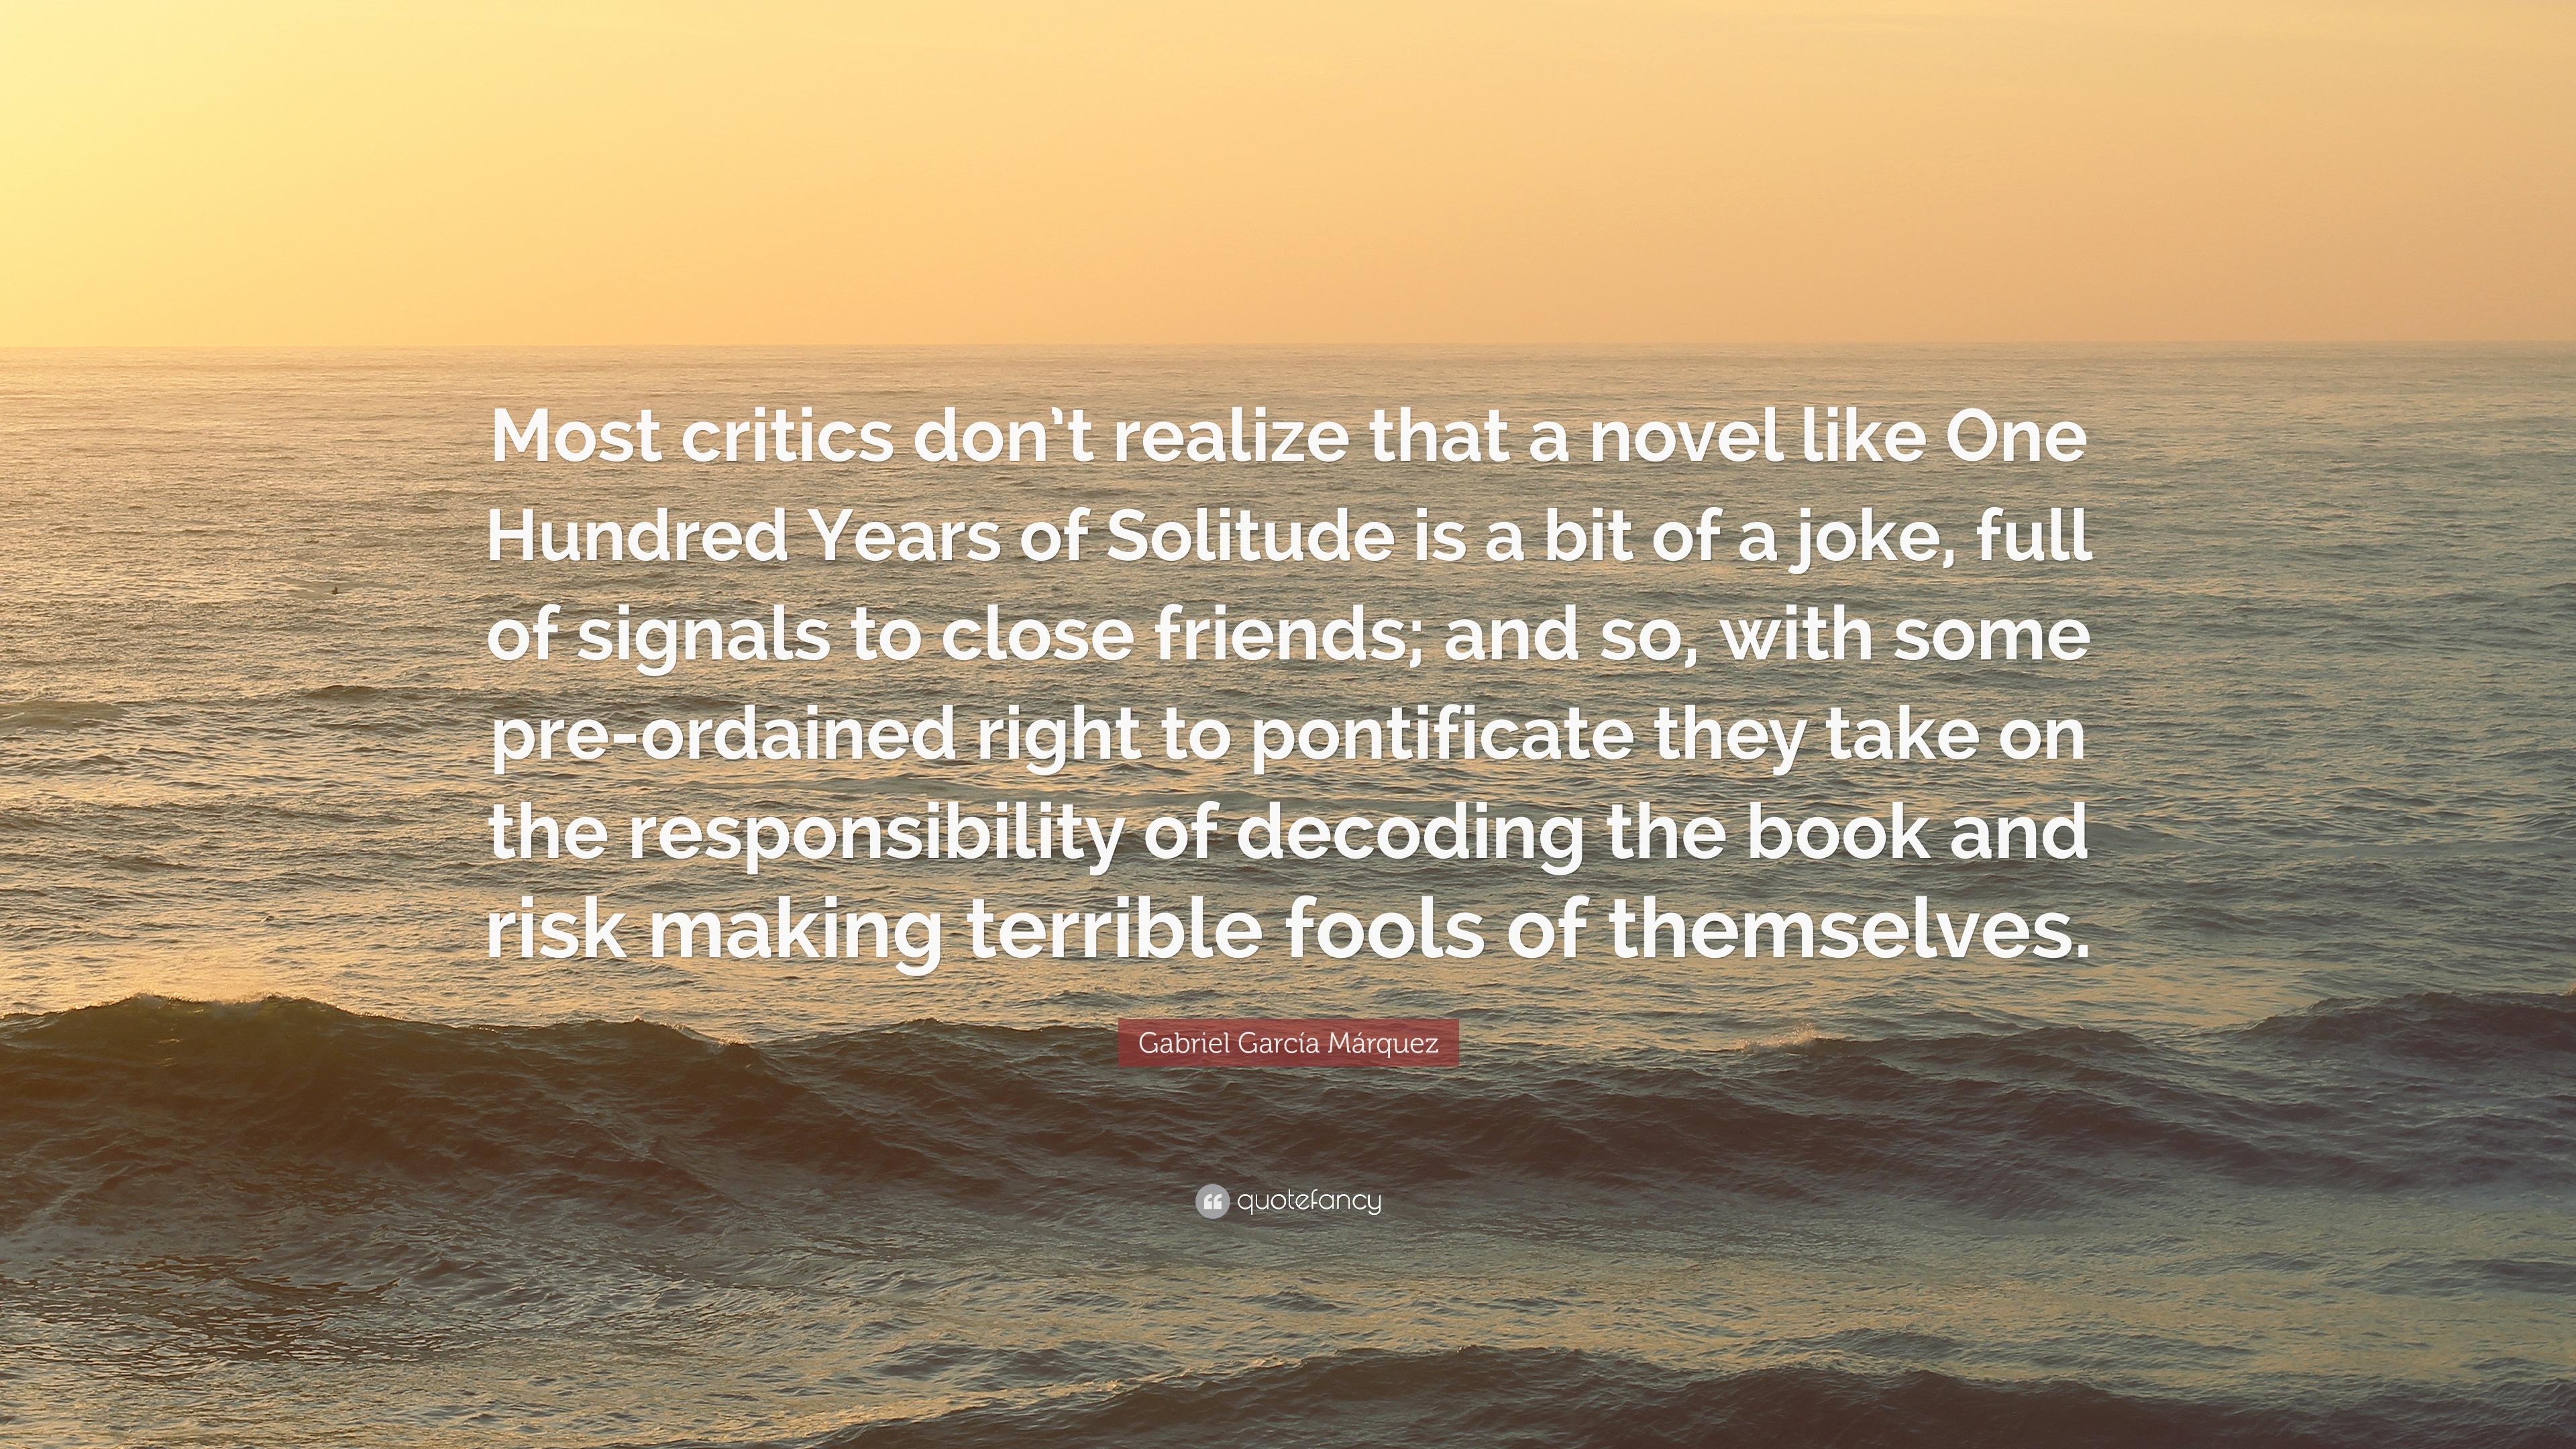 Gabriel garcía márquez quote most critics dont realize that a novel like